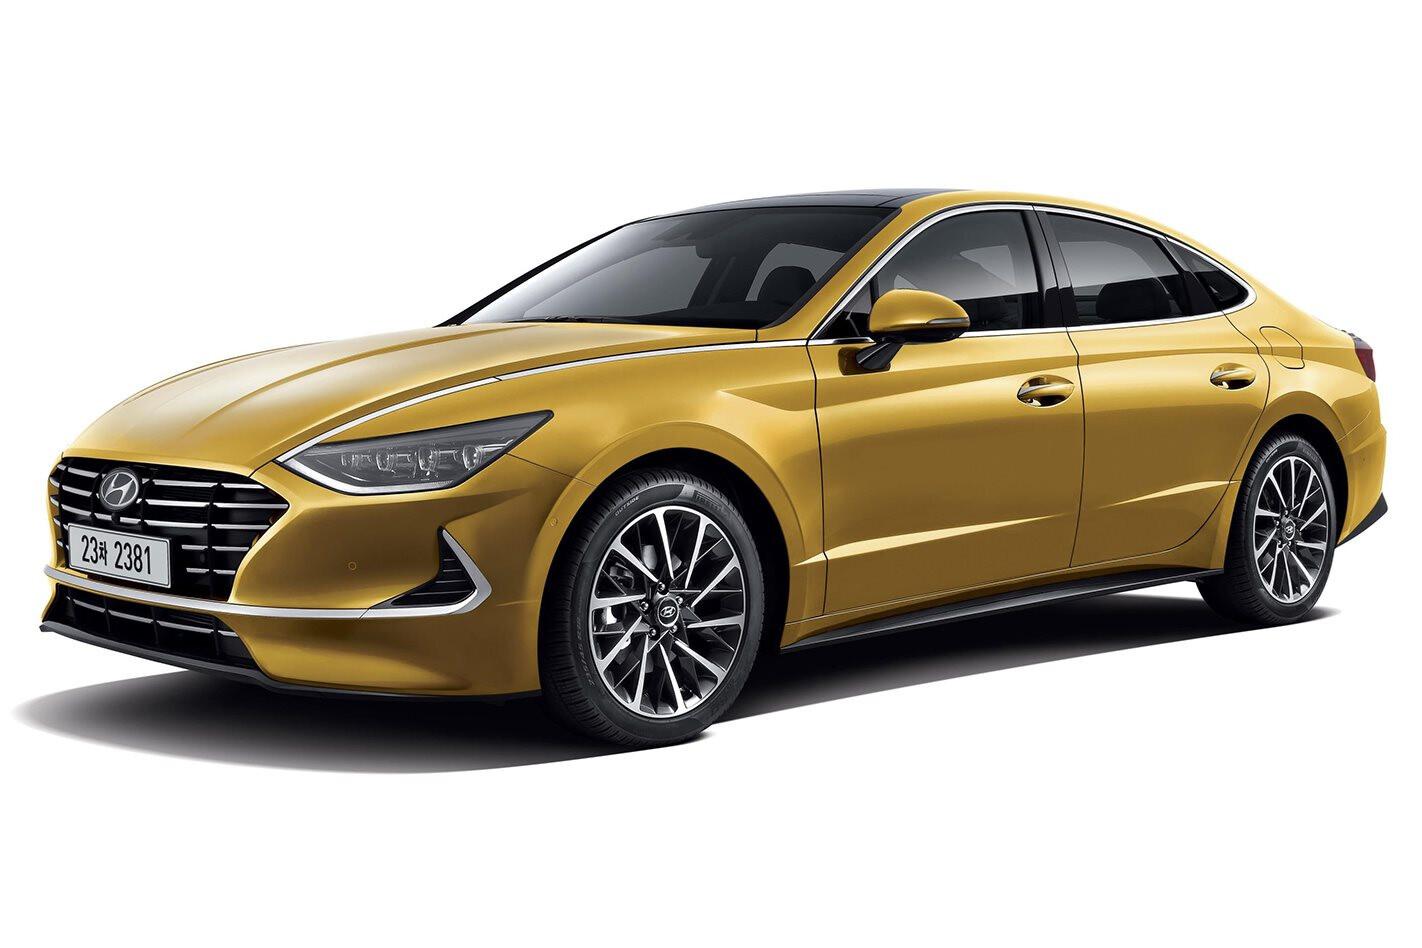 Hyundai Sonata Jpg